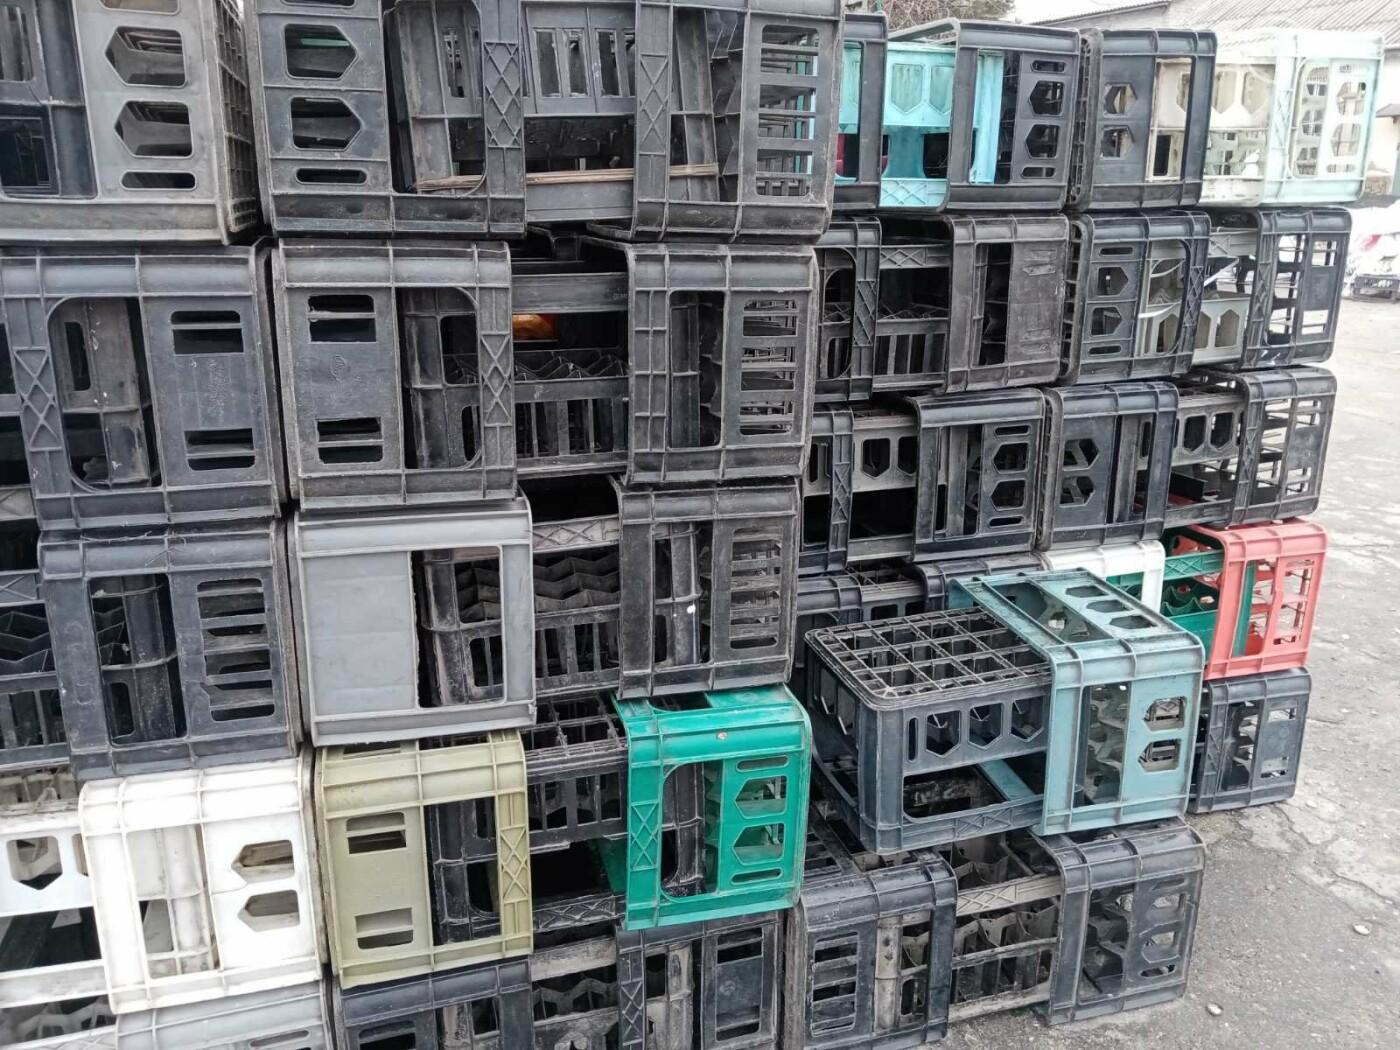 Мариуполь чистый город. Закупаем макулатуру, пластик, ПЭТ, стекло и другие отходы, фото-11